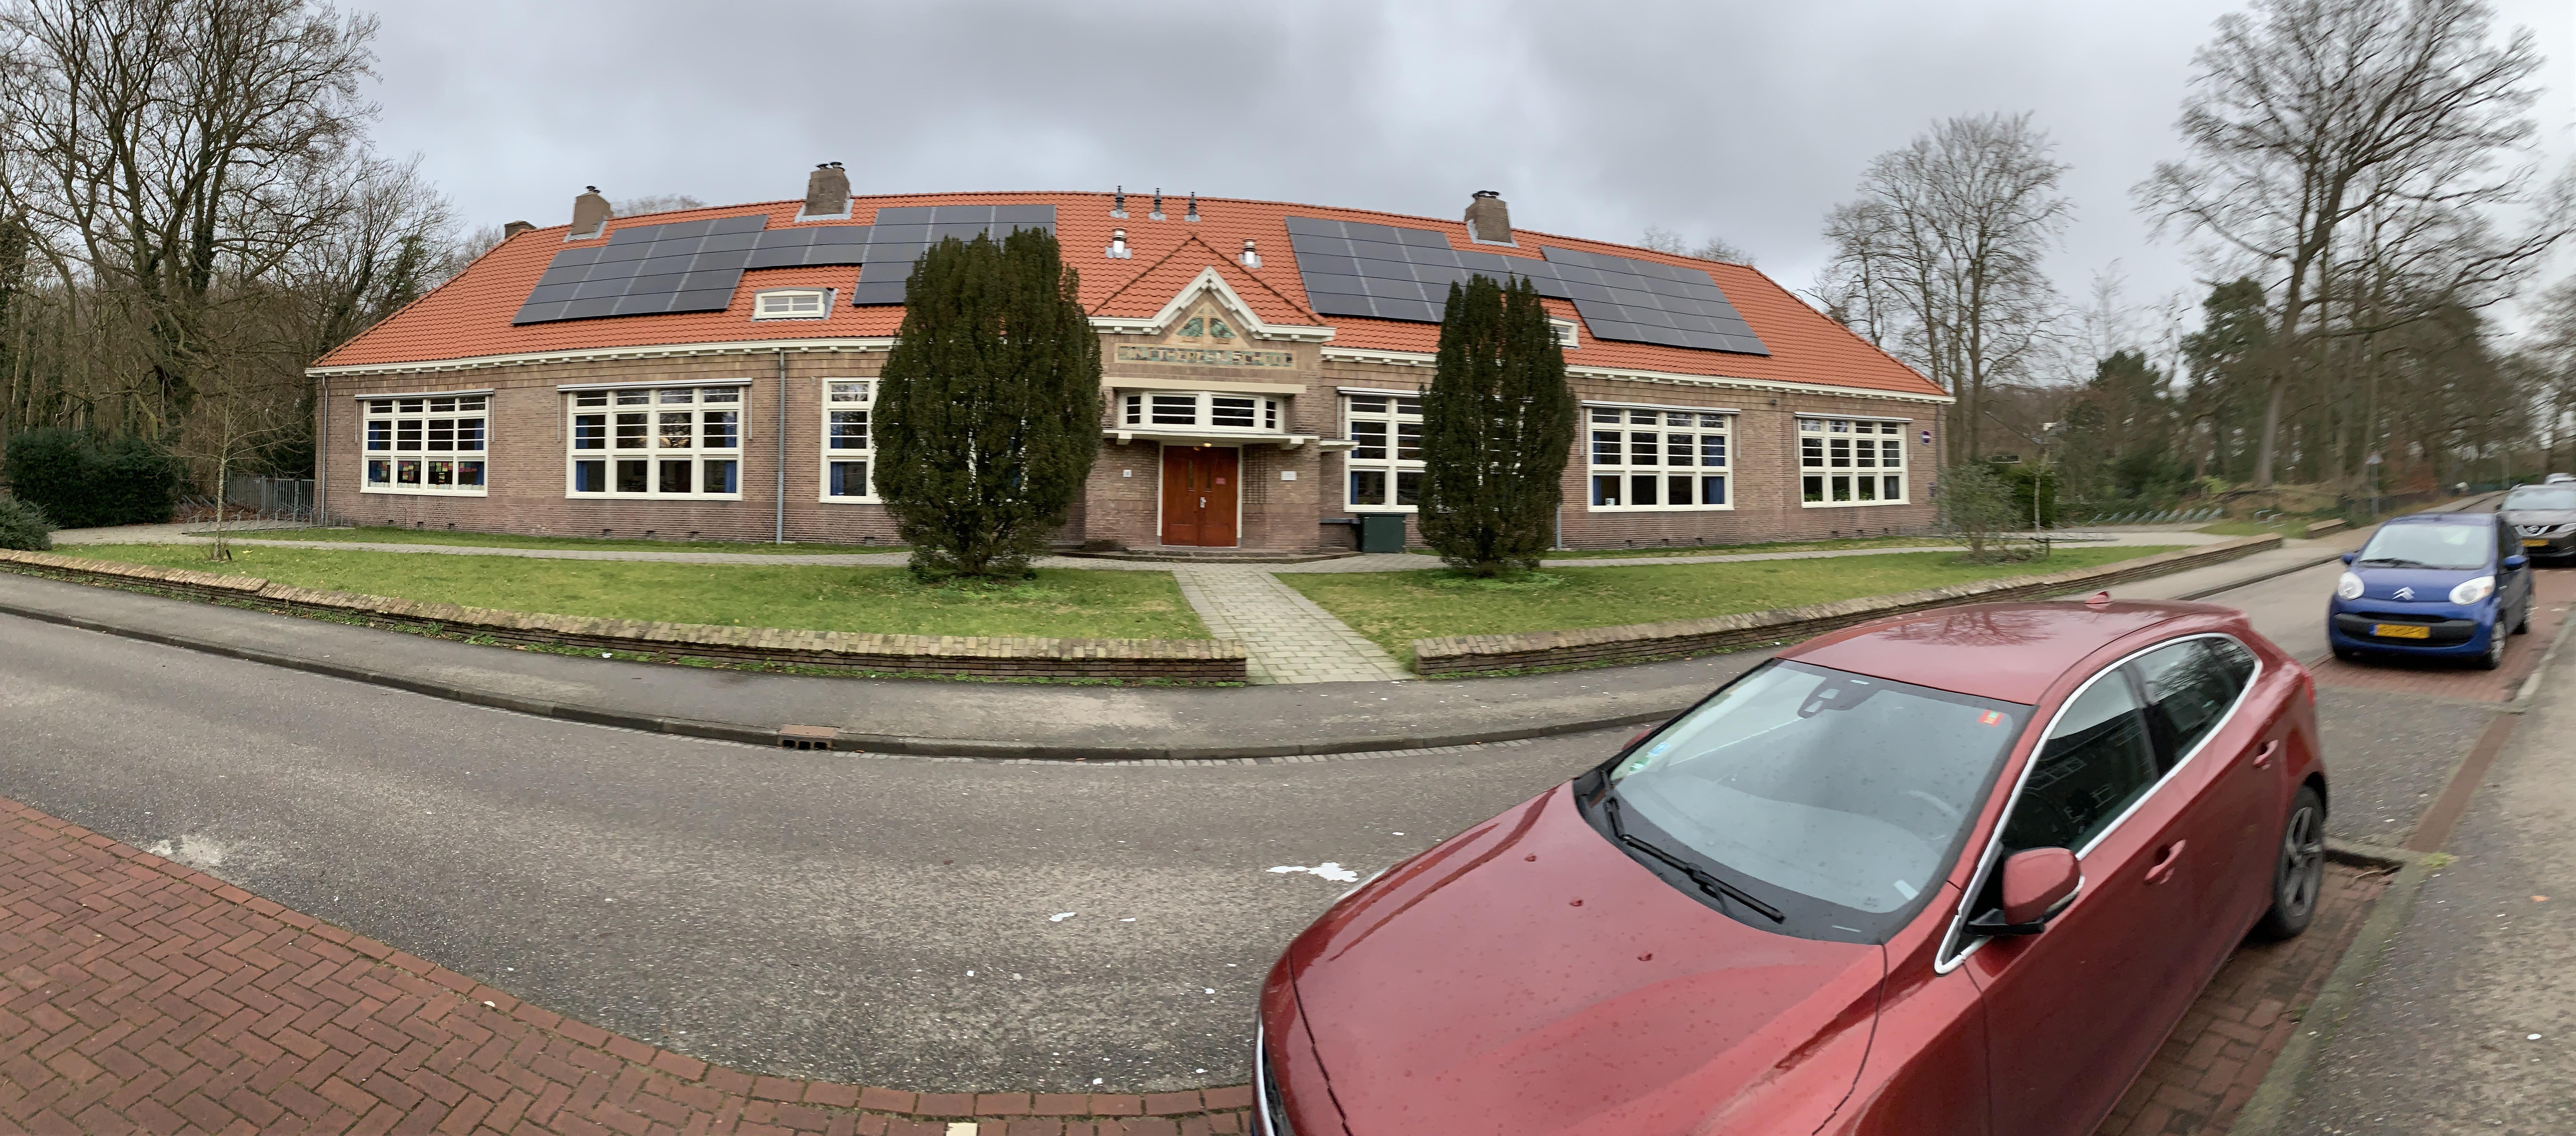 Buurtvereniging Bloemendaal-Noord wil rel met Theresiaschool sussen